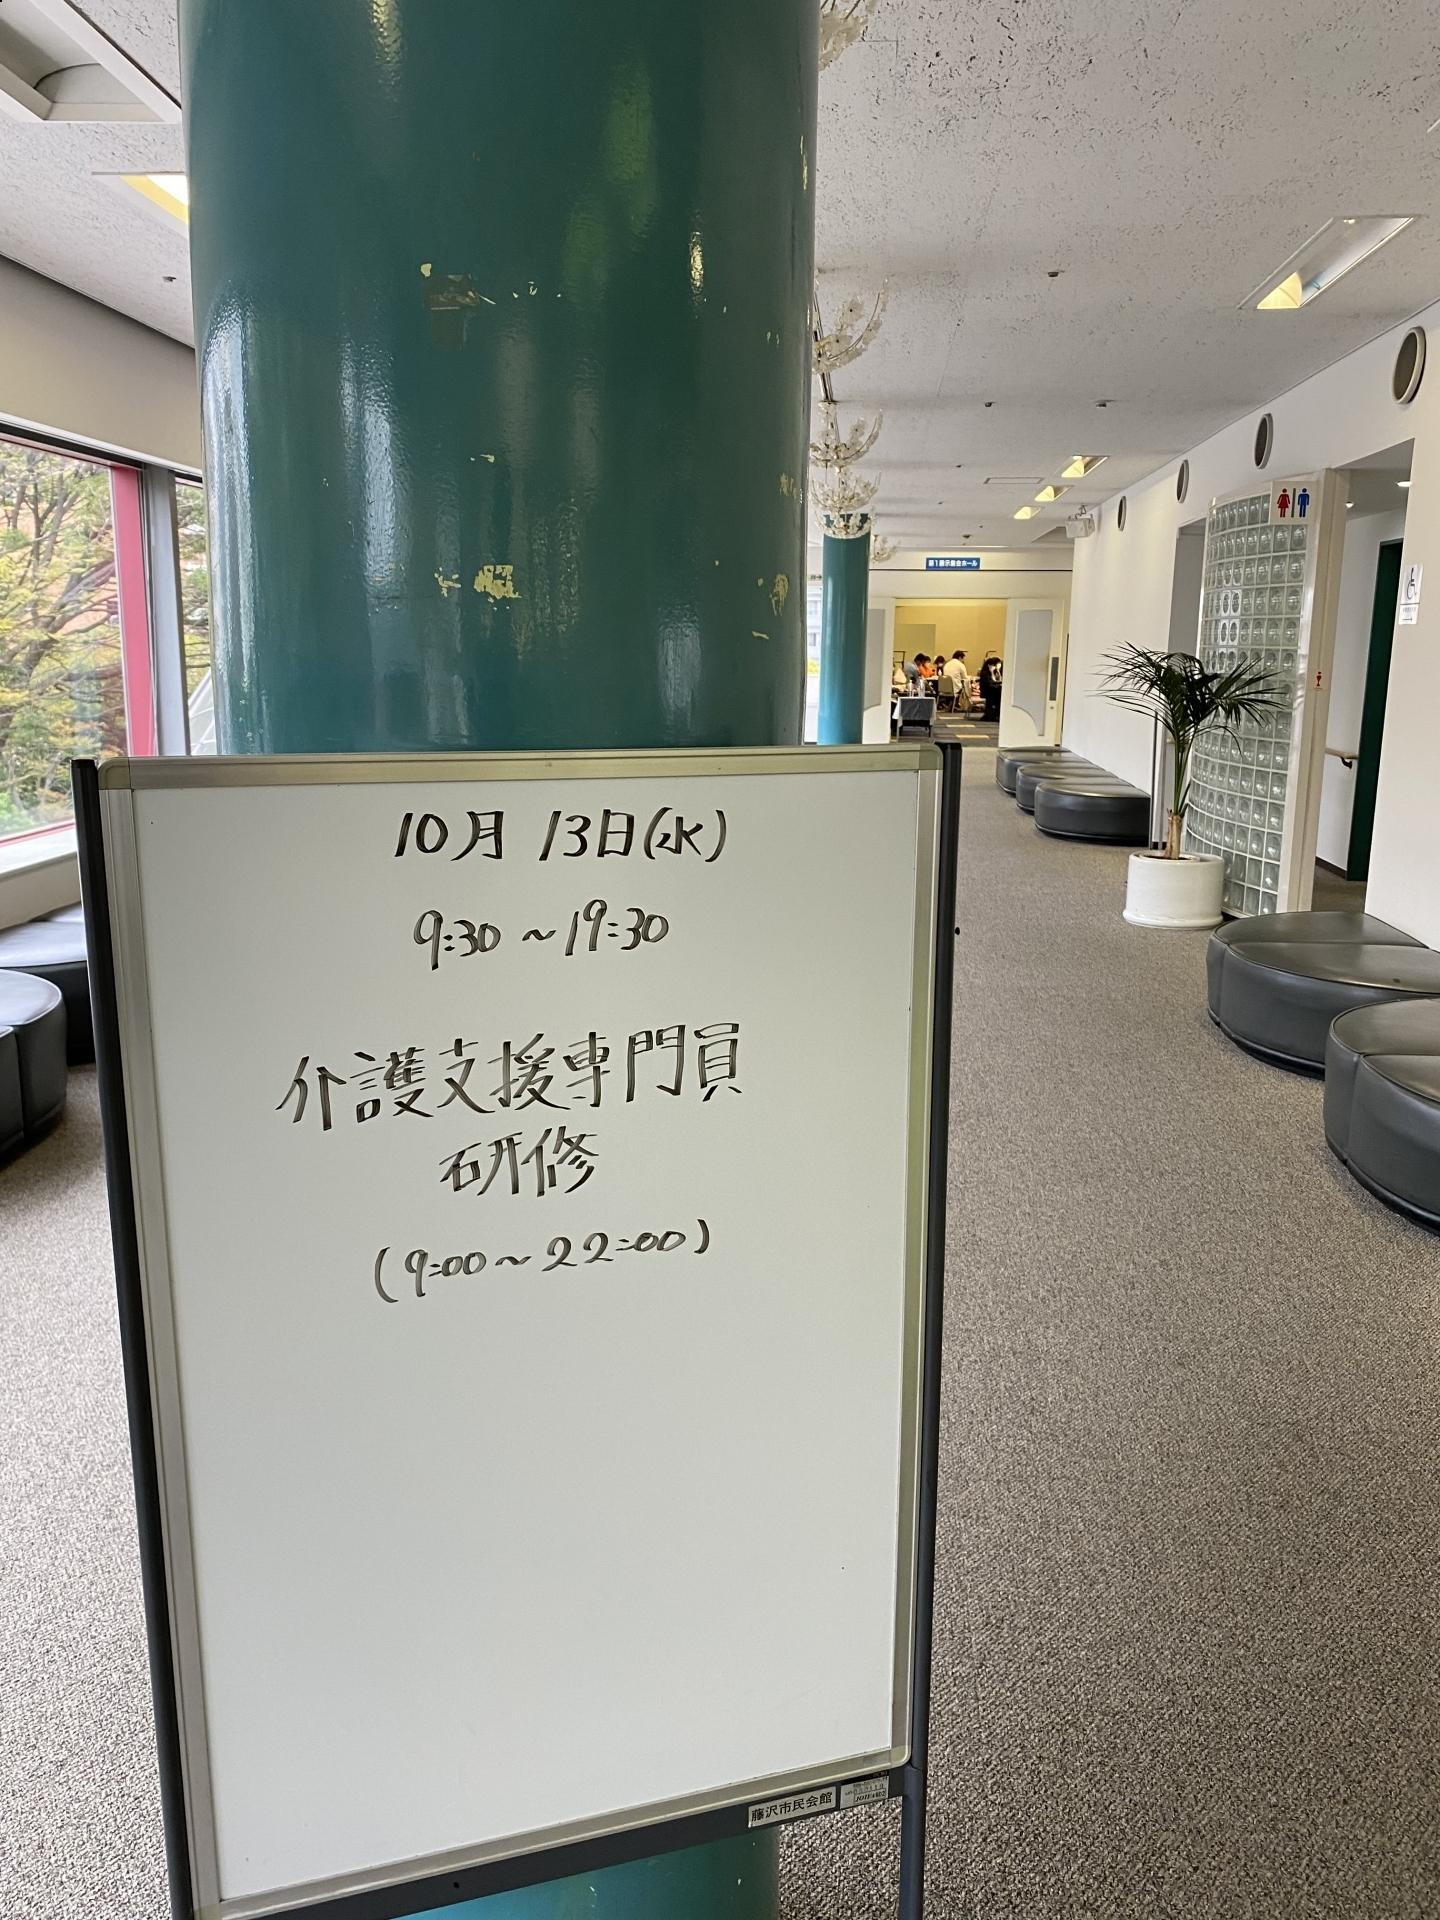 【 504  】 専門Ⅰ研修 3日目終了(あと2日です)